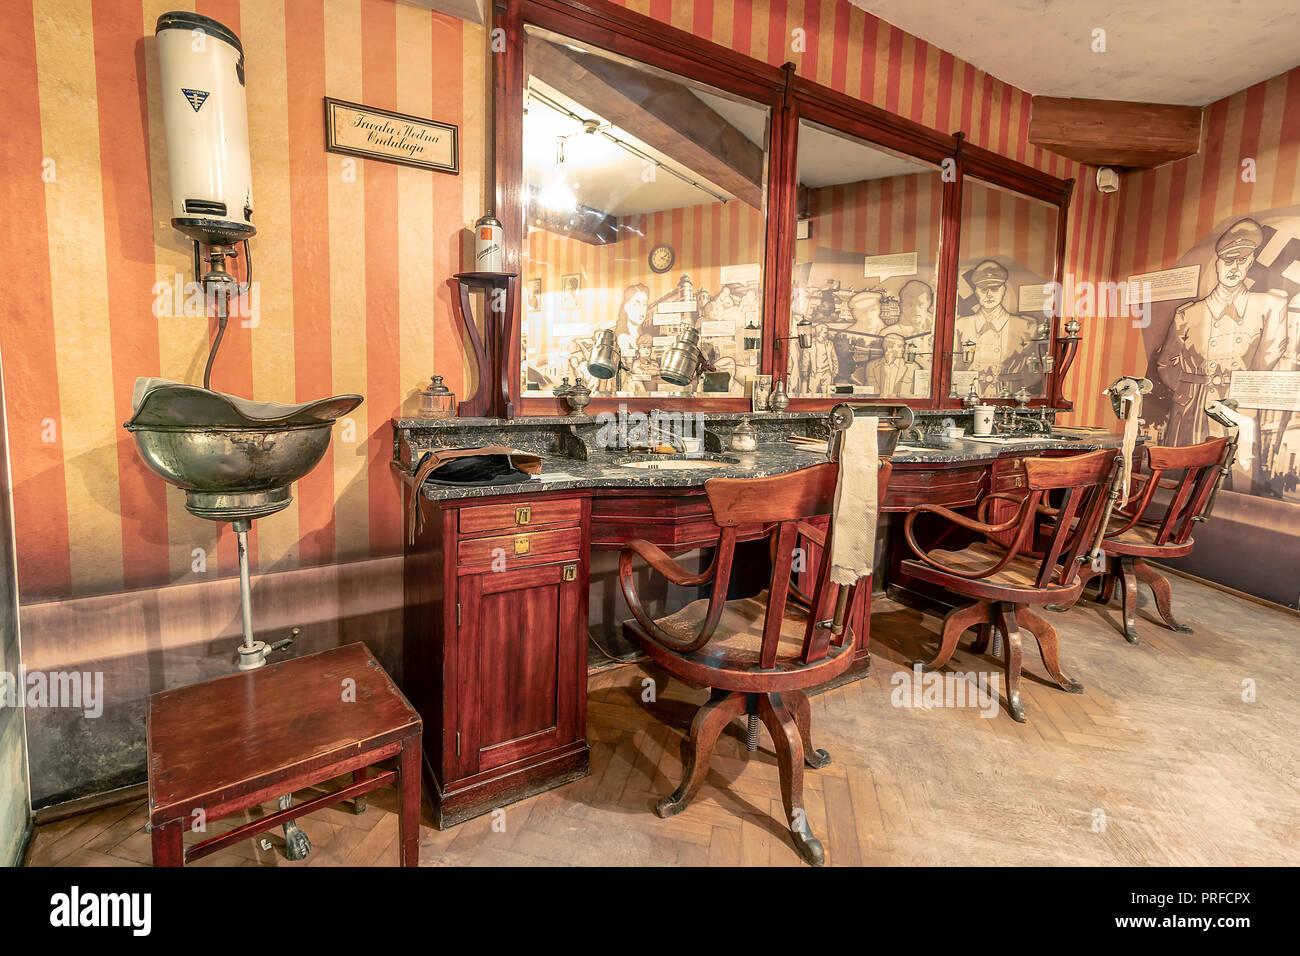 Krakau, Polen - Juni 3, 2018: Vintage Barber Shop Möbel in ...